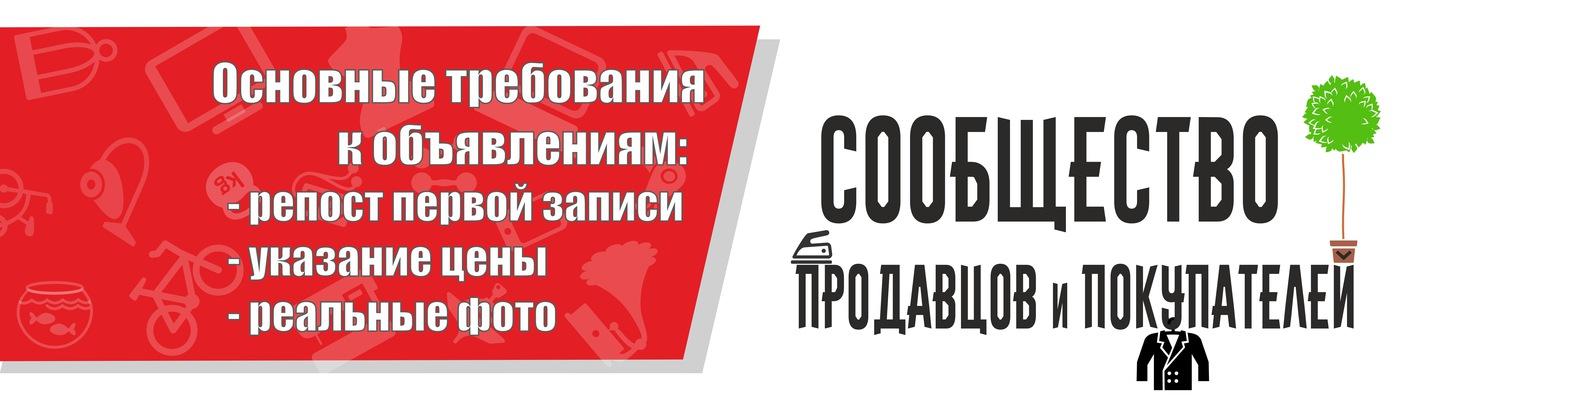 Объявления куплю продам барахолка спб дать объявление на дорожное радио оренбург